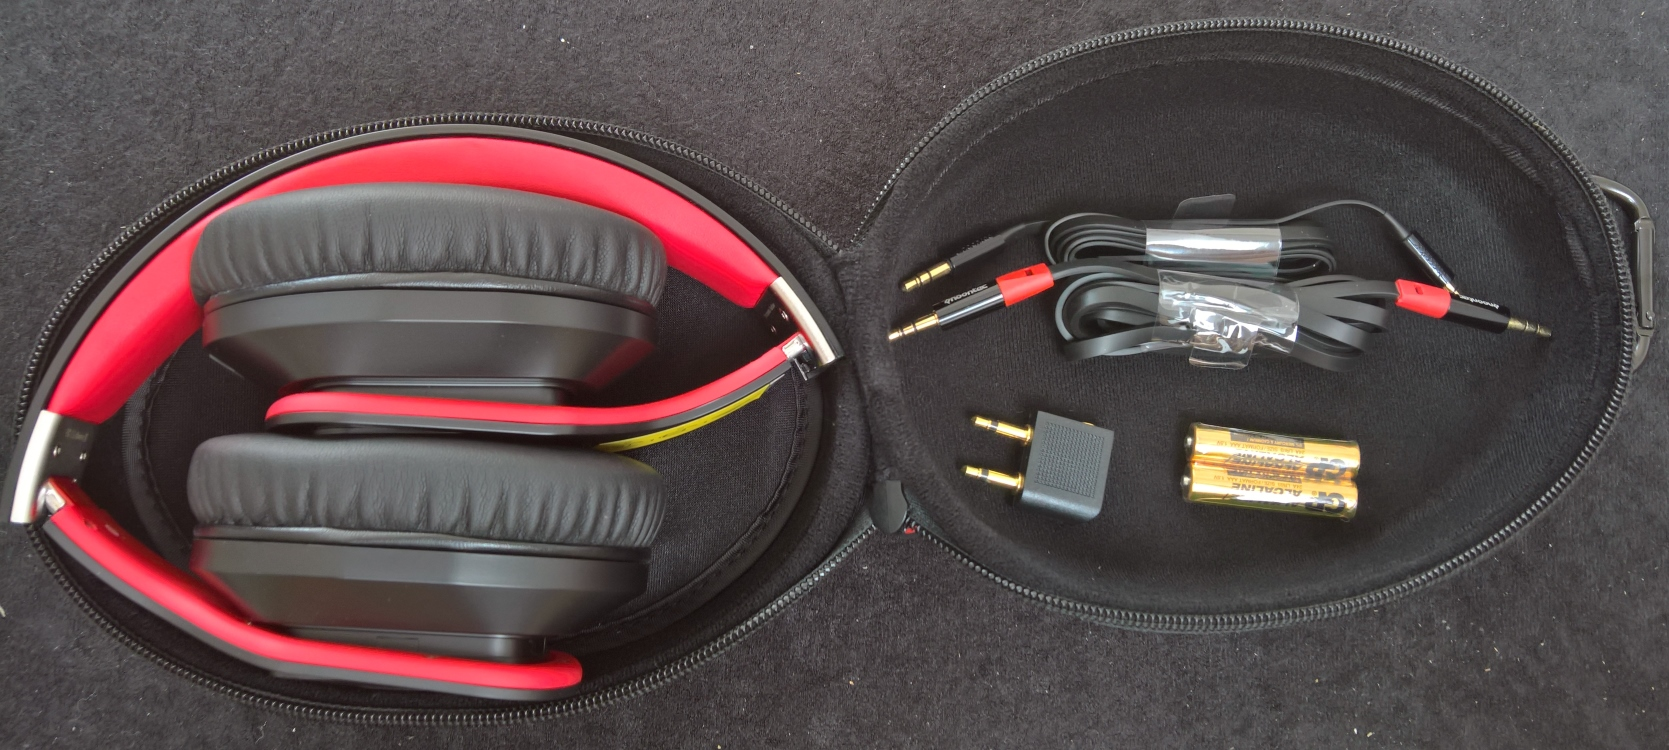 Günstige Alternative zu den Bose Quit Comfort? [Bluetooth Kopfhörer von Noontec (3,5 von 5)] im Produkttest